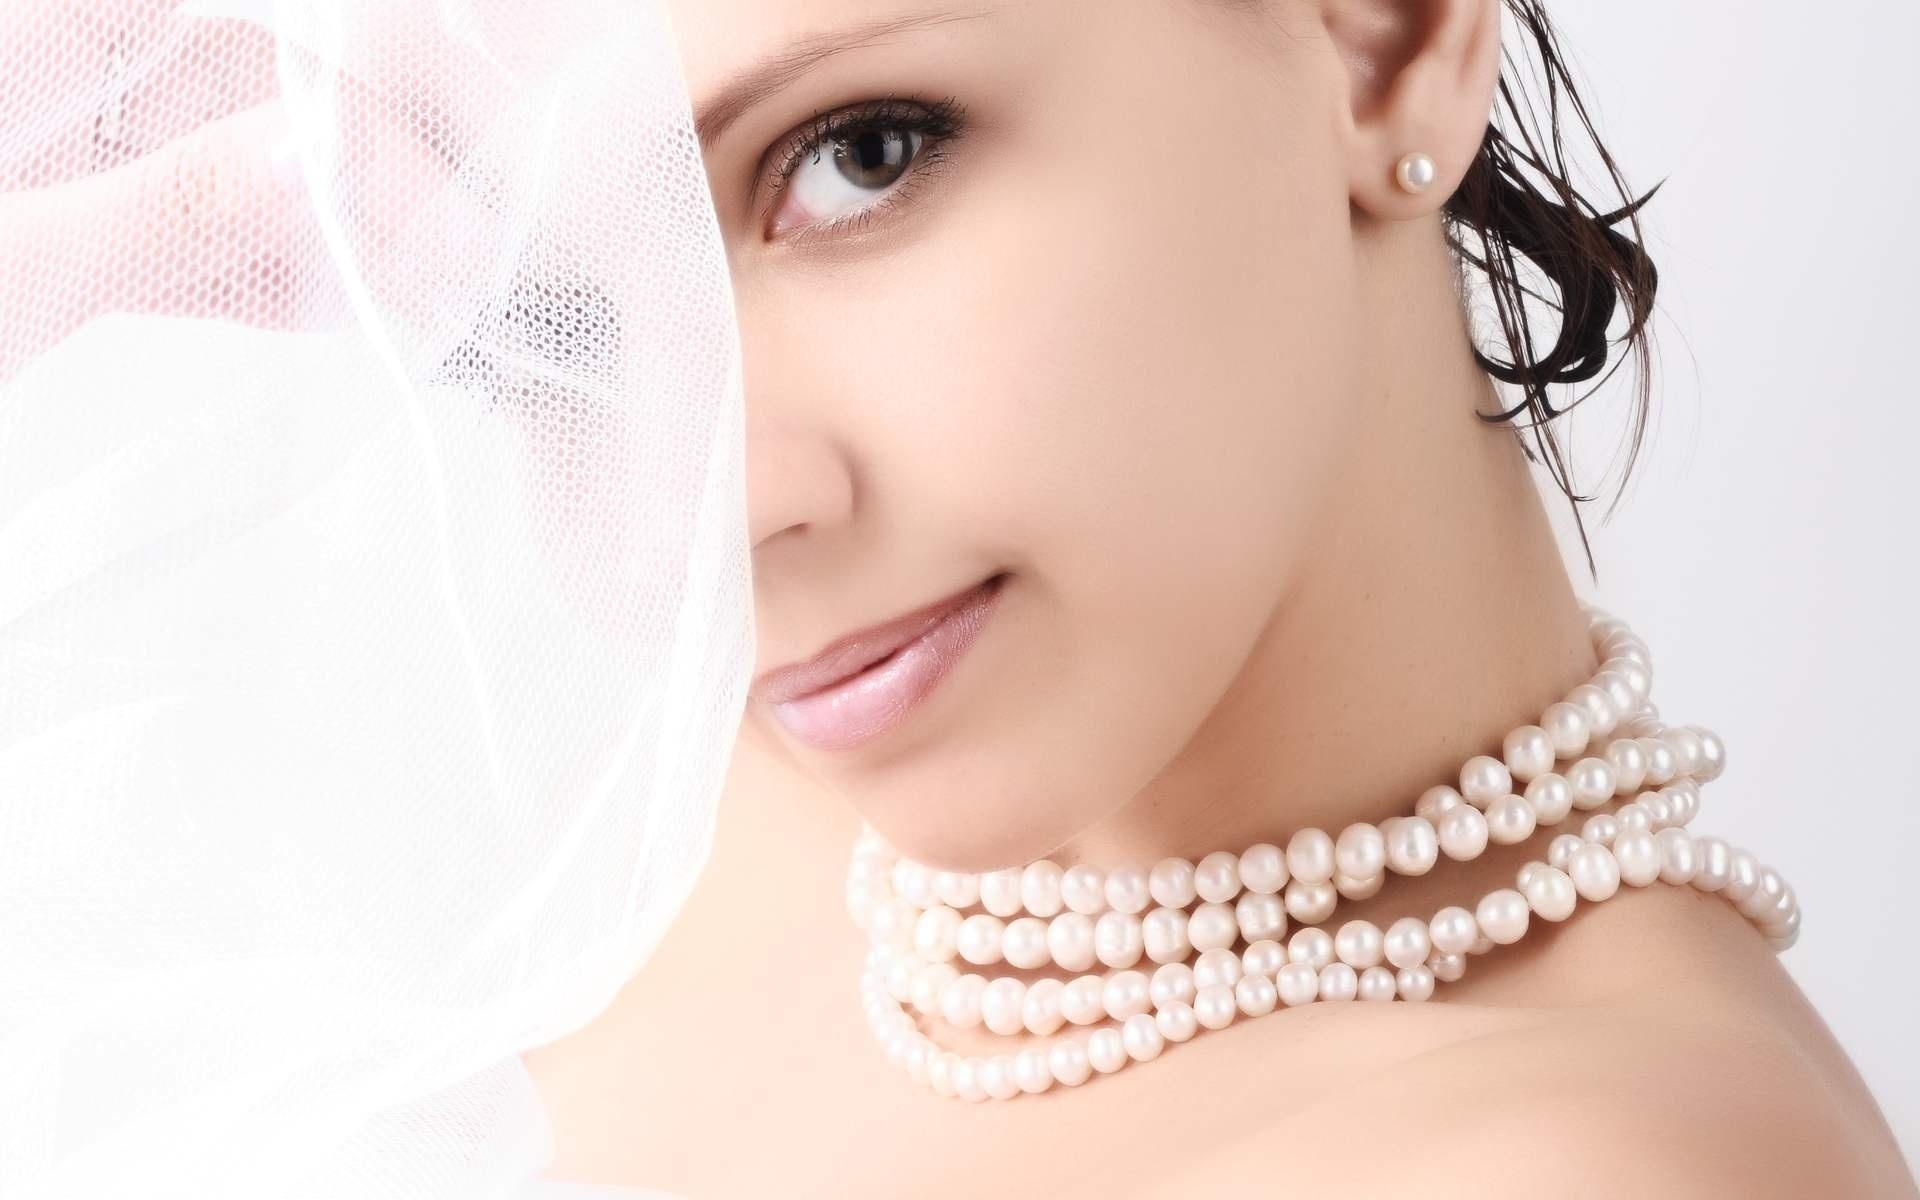 девушка, красивая, лицо, белый фон